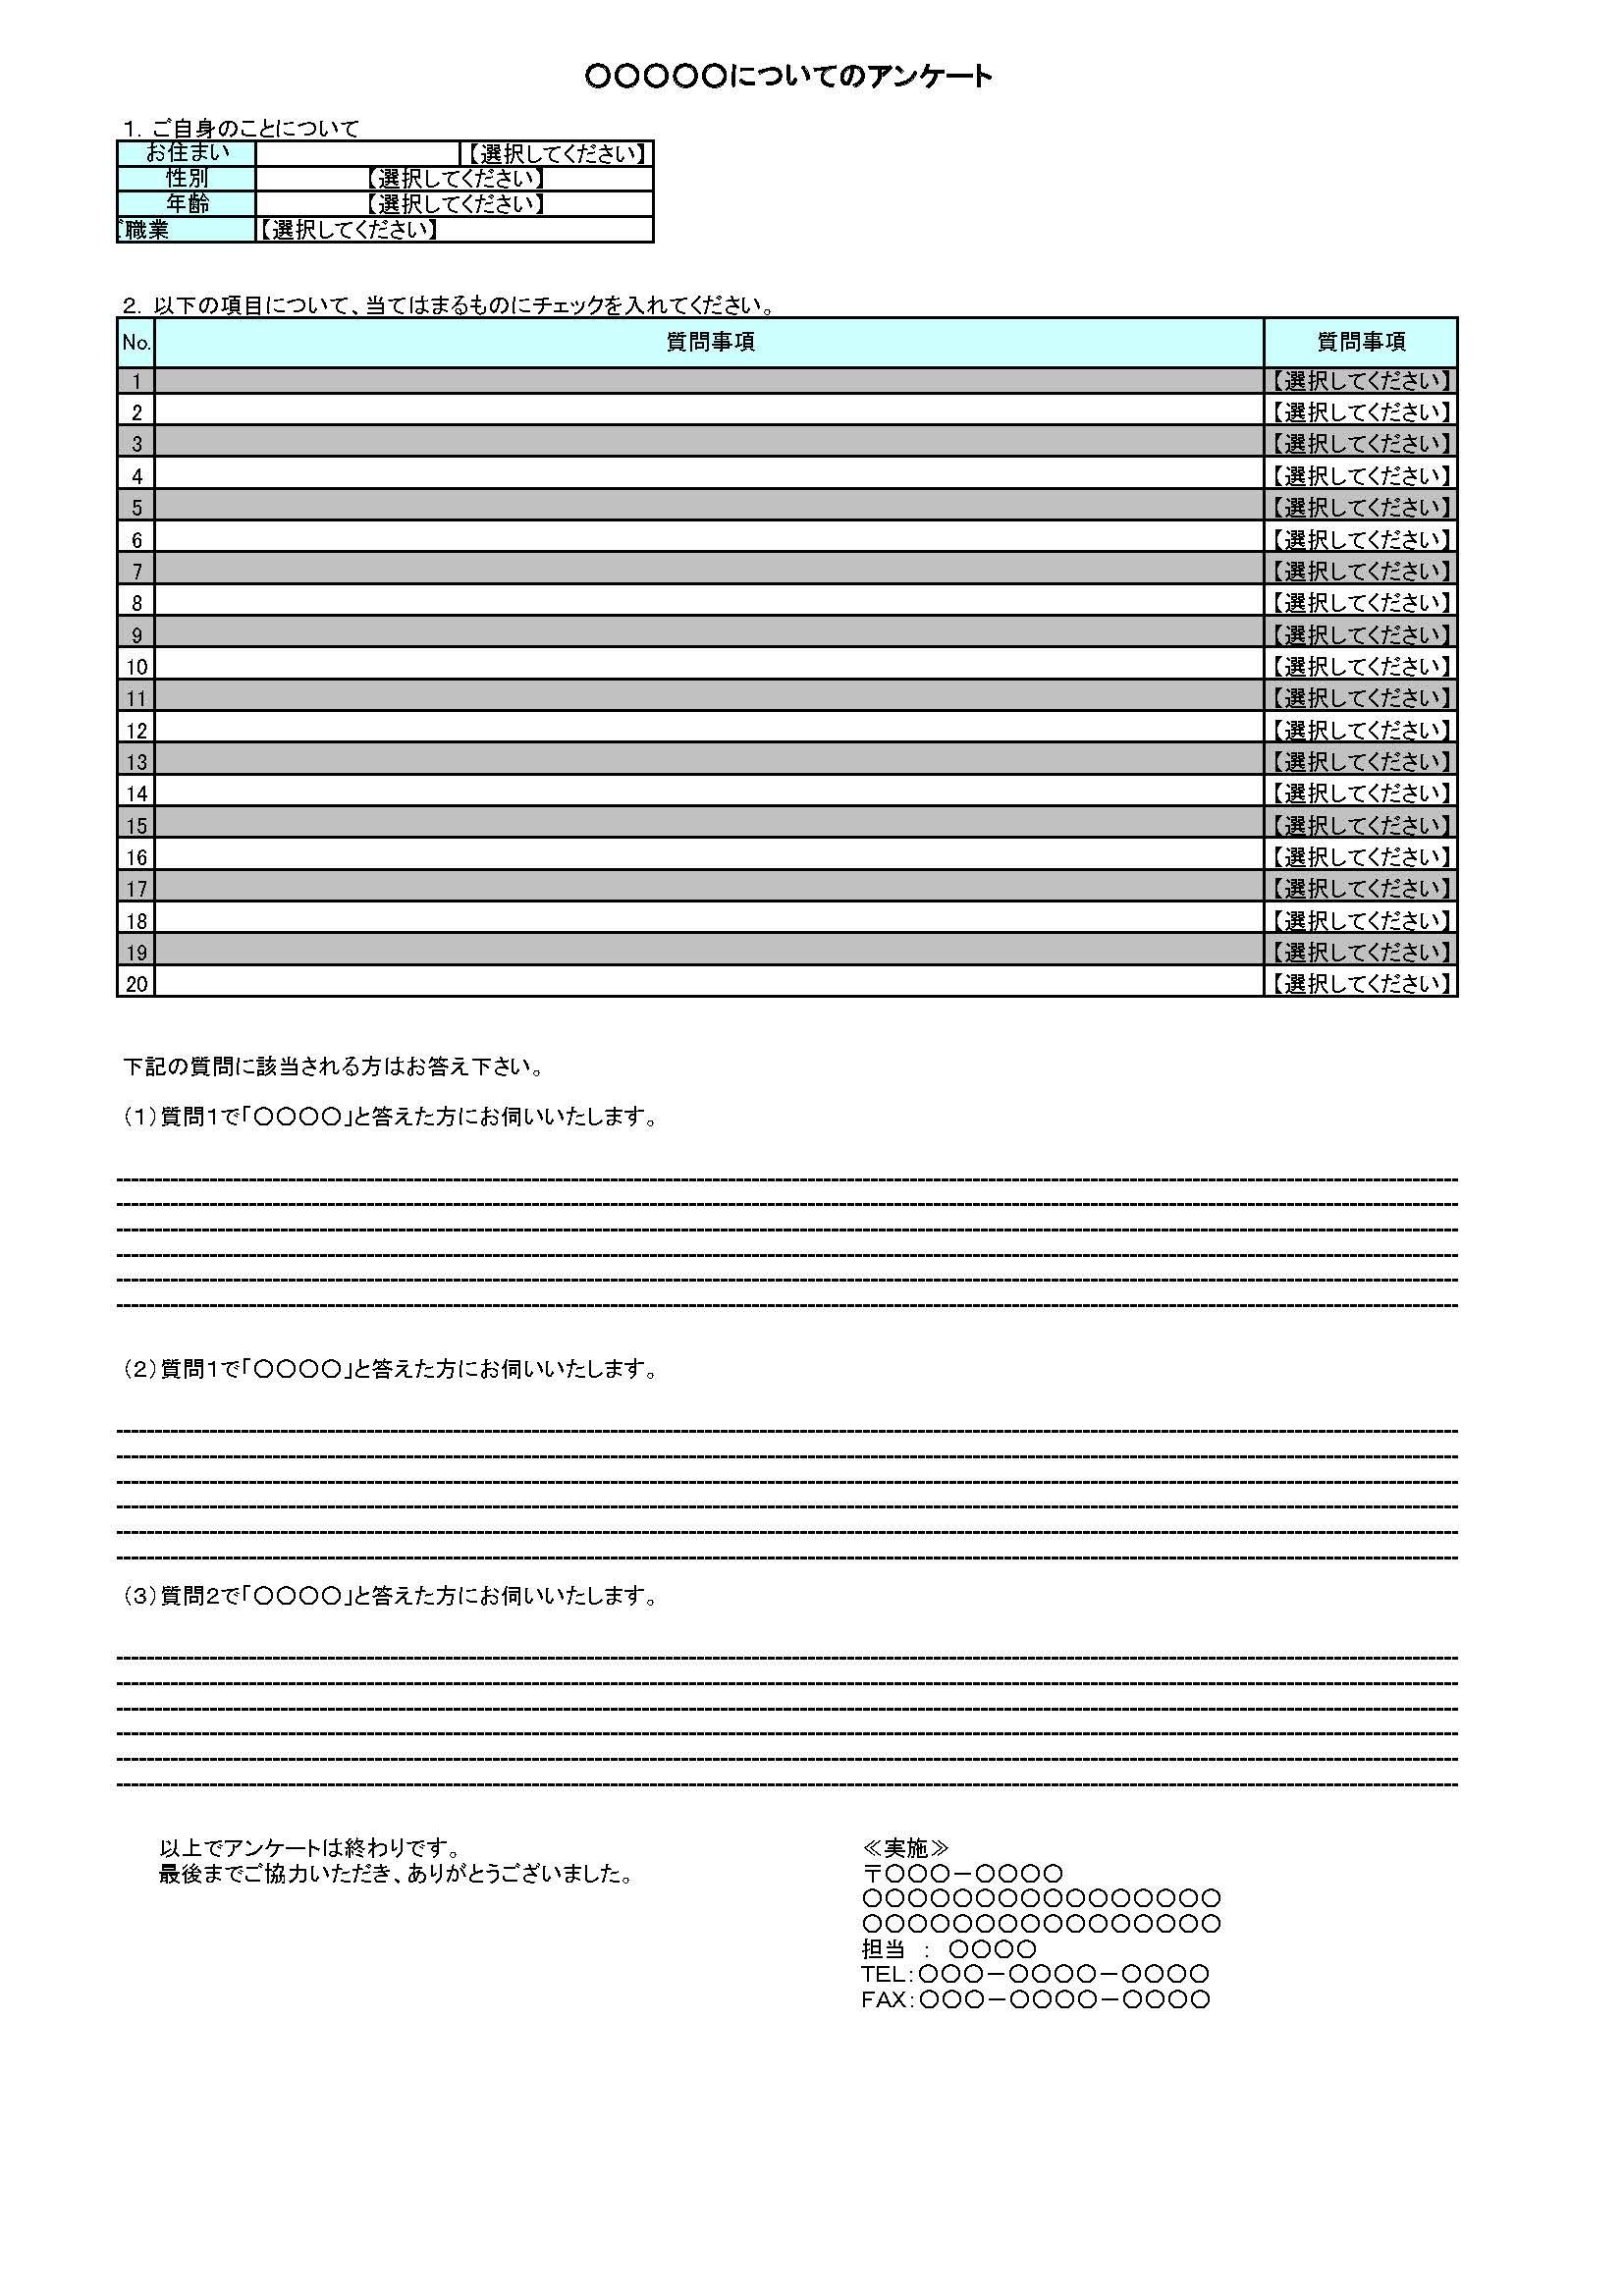 会員登録不要で無料でダウンロードできるアンケート調査票2のテンプレート書式